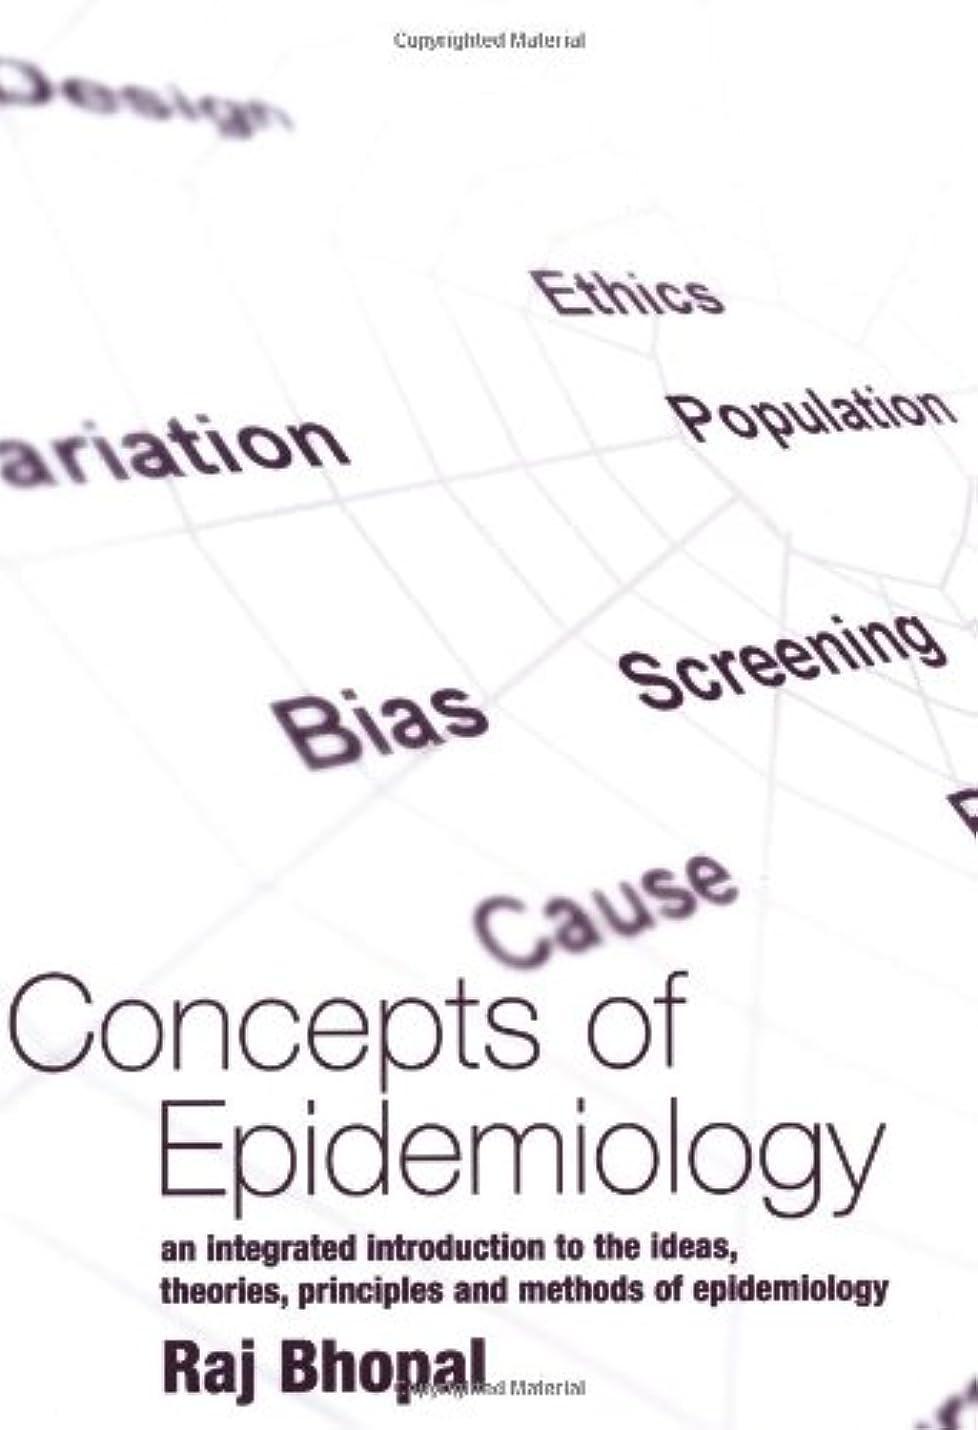 硫黄賞賛する受粉者Concepts of Epidemiology: An Integrated Introduction to the Ideas, Theories, Principles, and Methods of Epidemiology